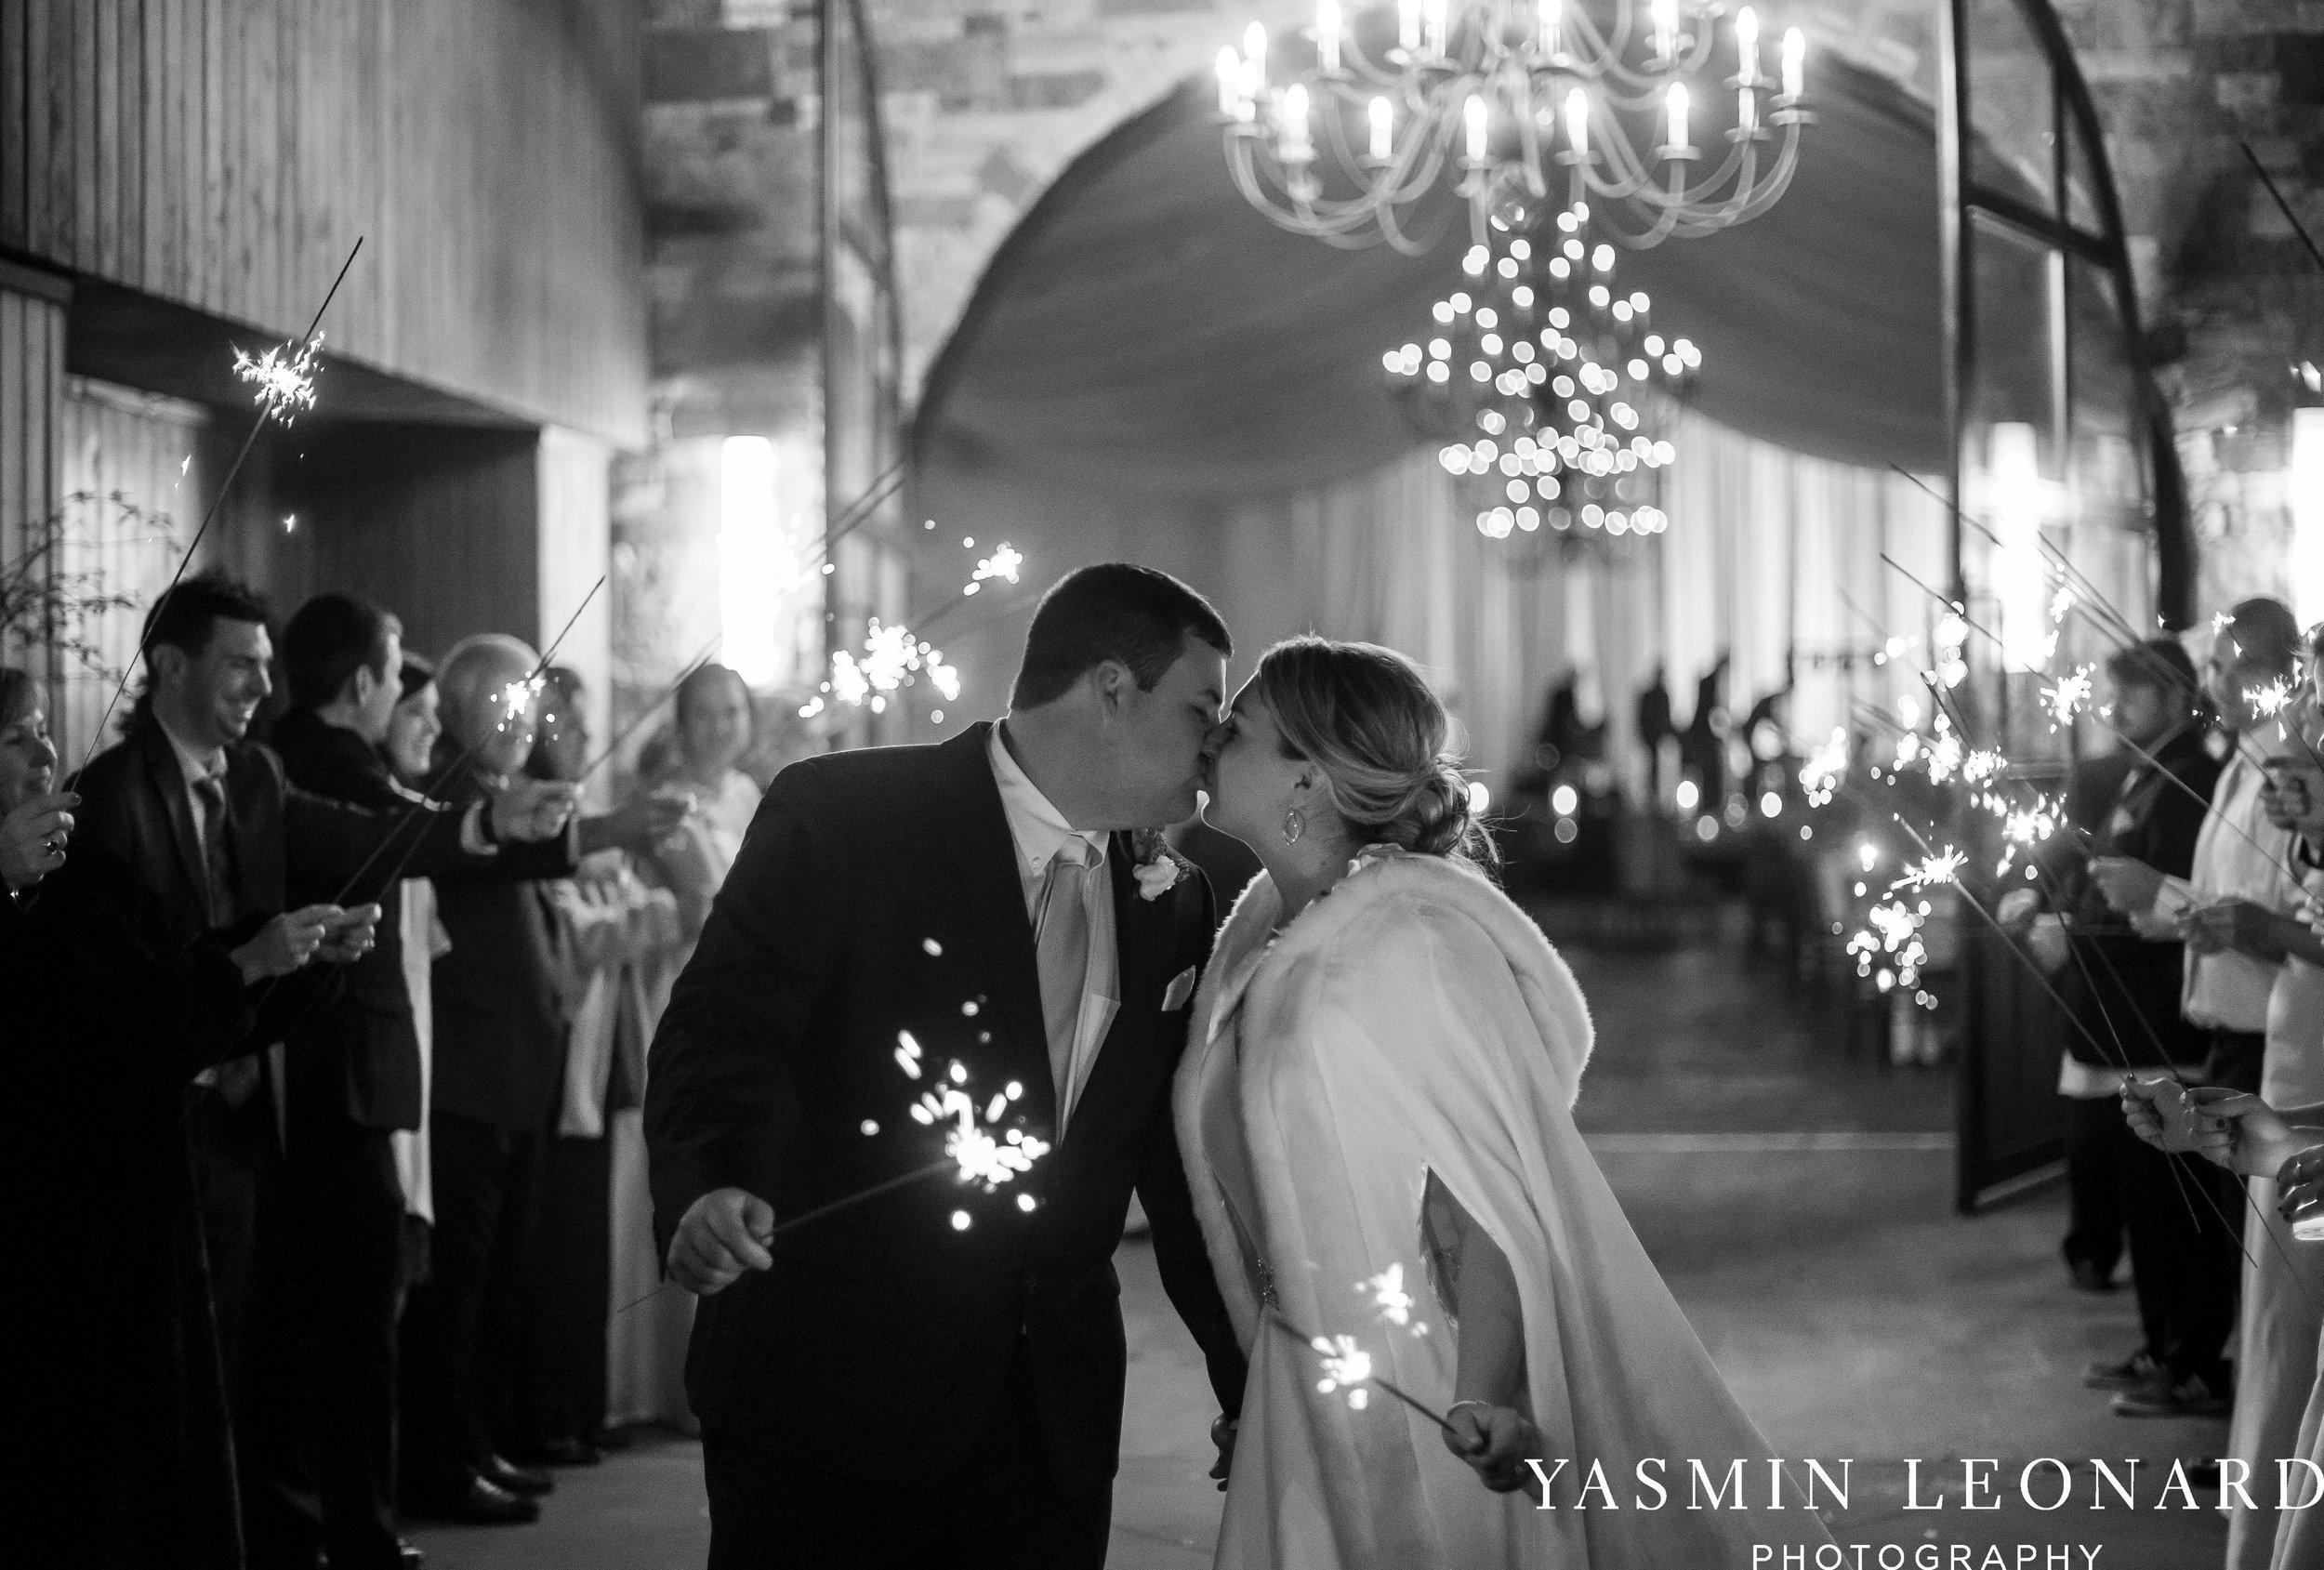 Adaumont Farm - Wesley Memorial Weddings - High Point Weddings - Just Priceless - NC Wedding Photographer - Yasmin Leonard Photography - High Point Wedding Vendors-80.jpg